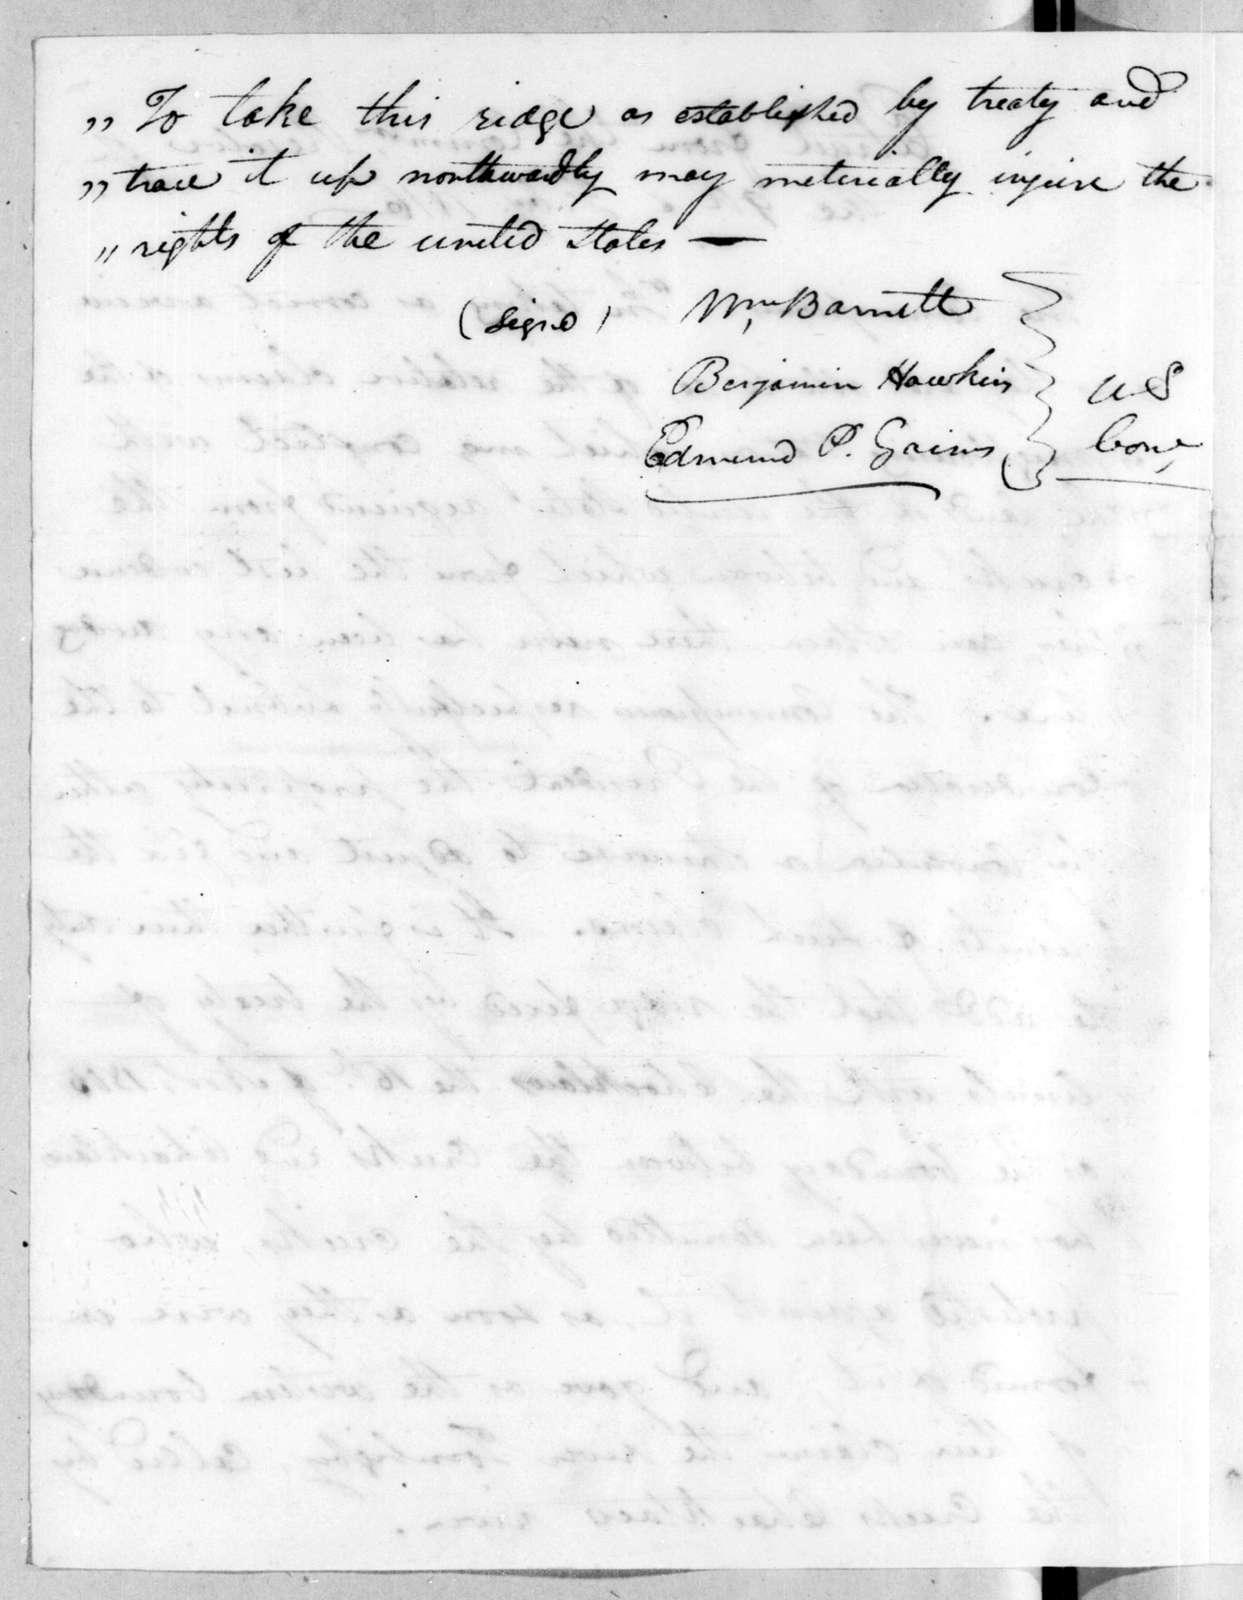 William Barnett et al., February 9, 1816